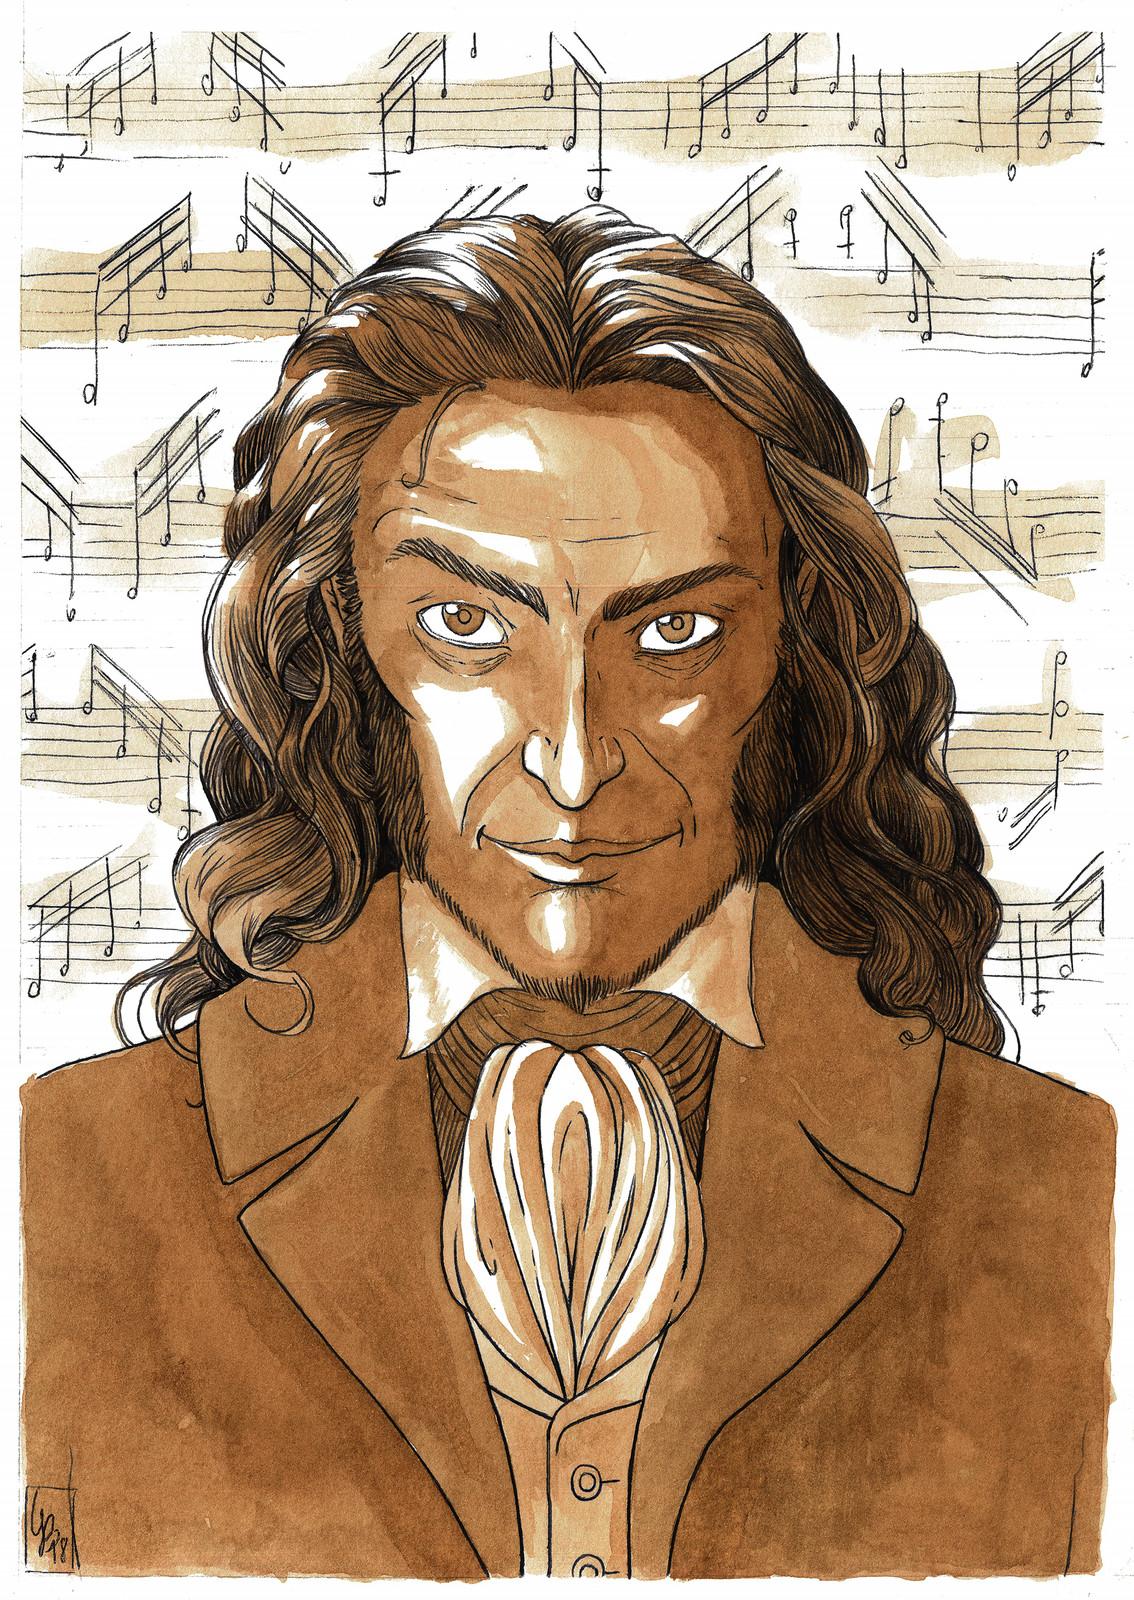 Niccolò Paganini, violinista virtuoso e compositore genovese.